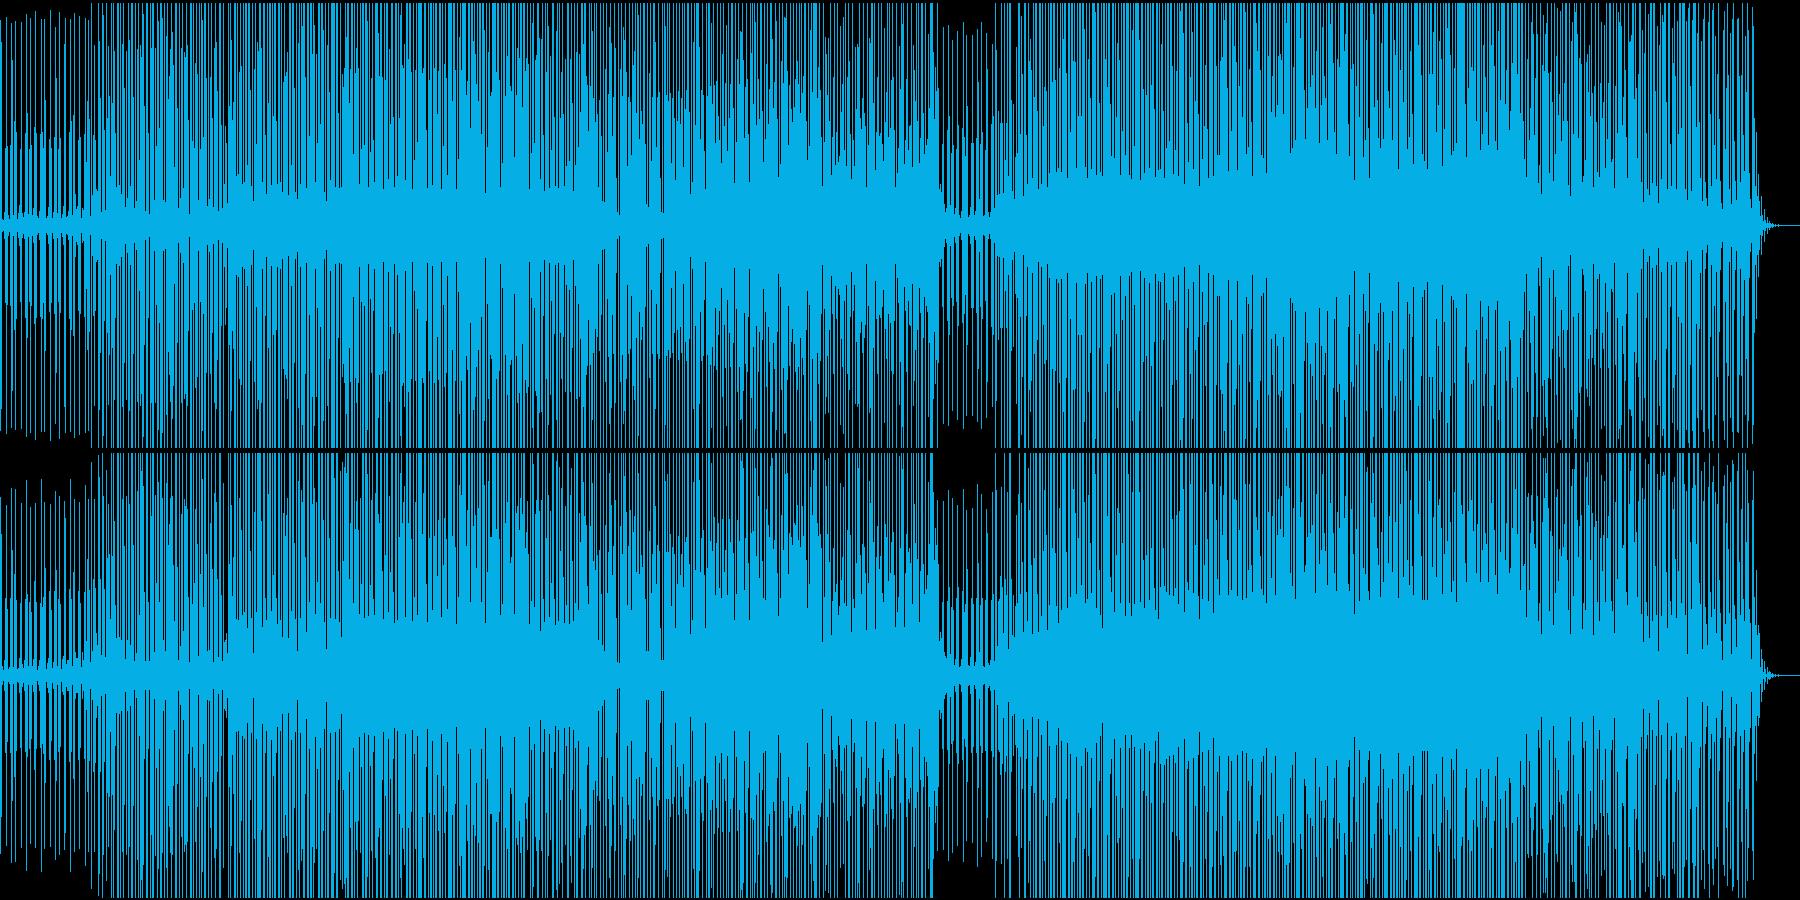 ふわふわした雰囲気のエレクトロニカの再生済みの波形